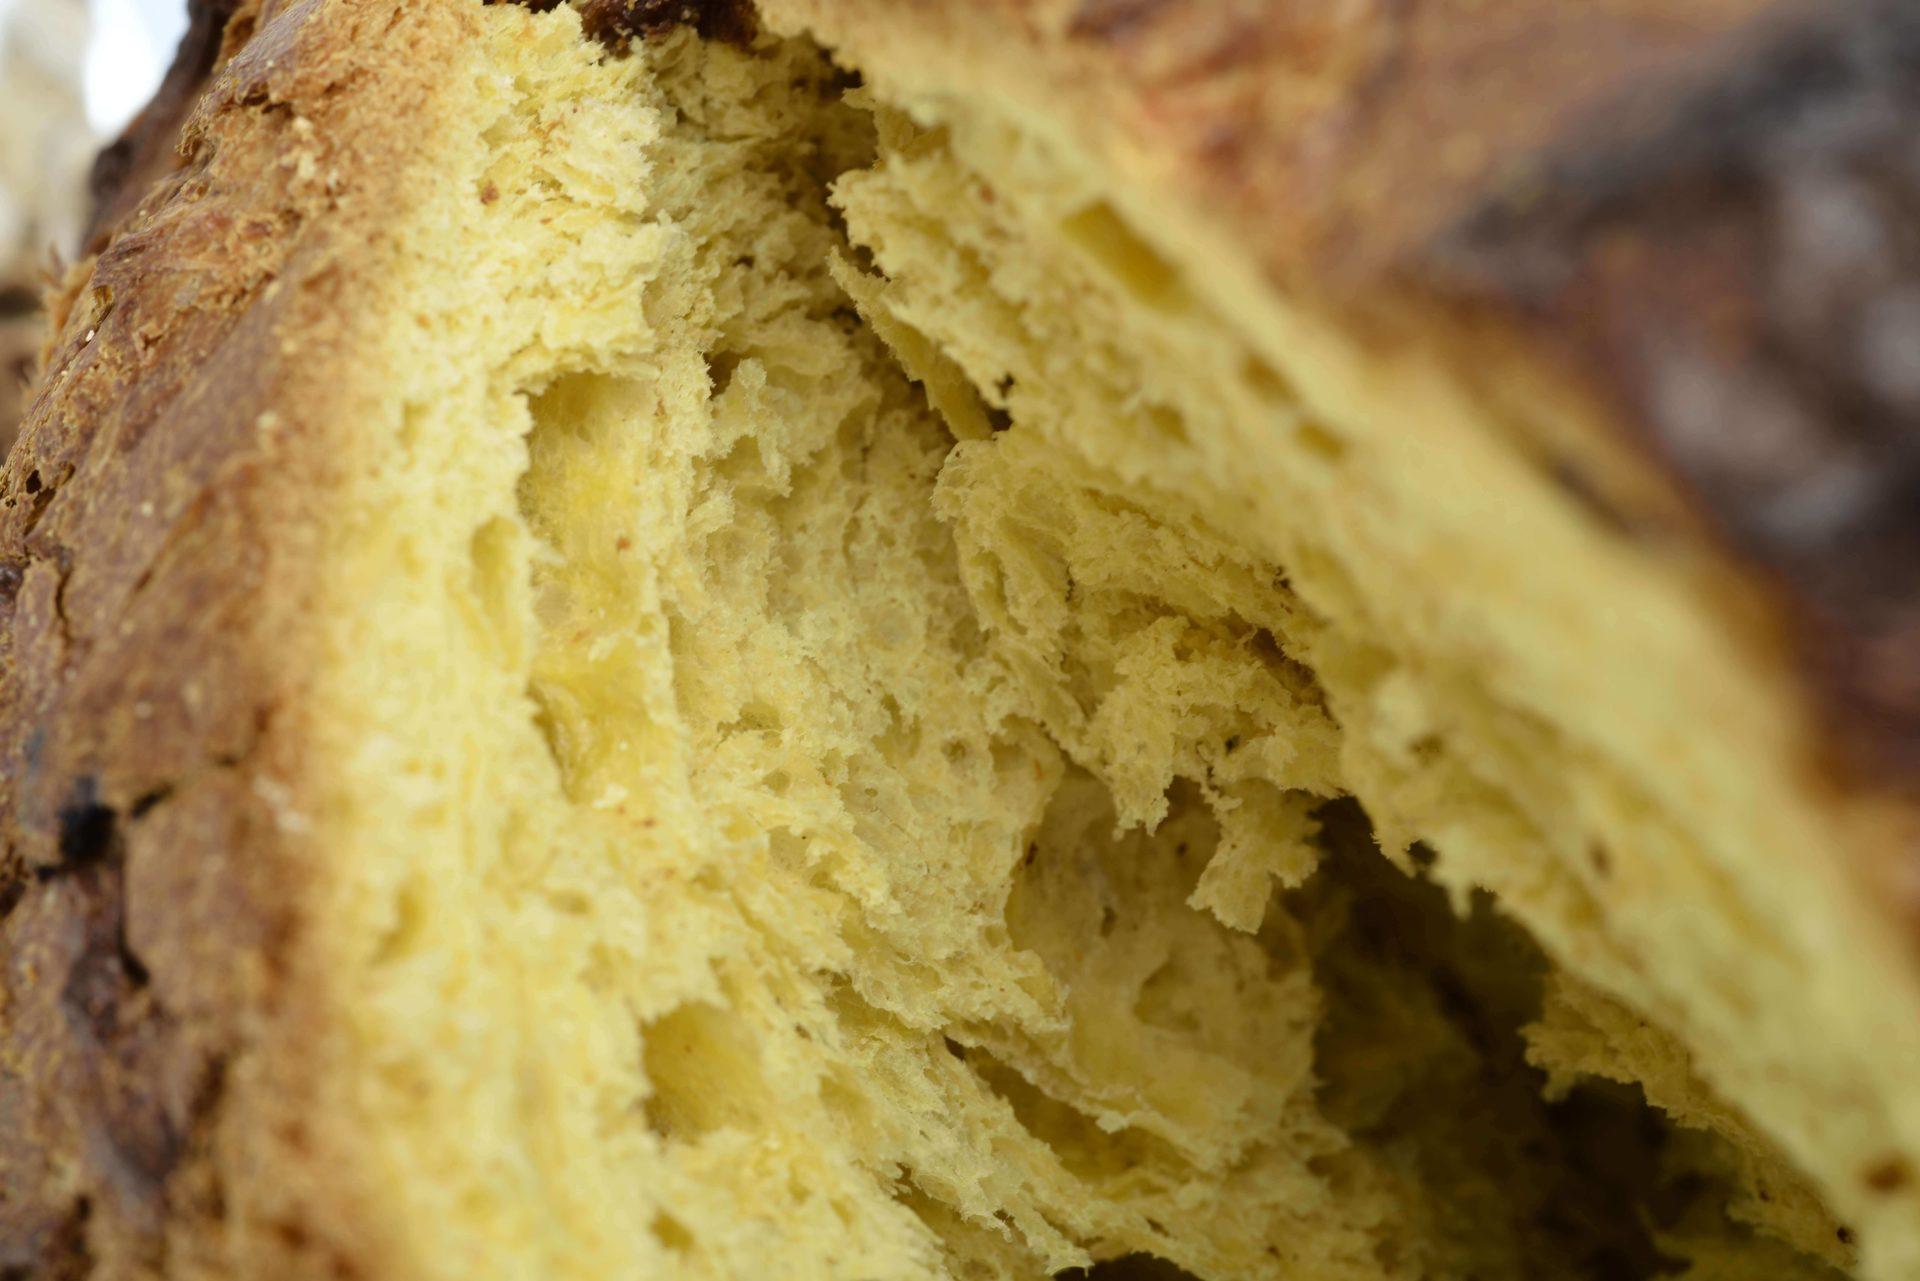 marchesi-panettone-tradizionale-bergamo